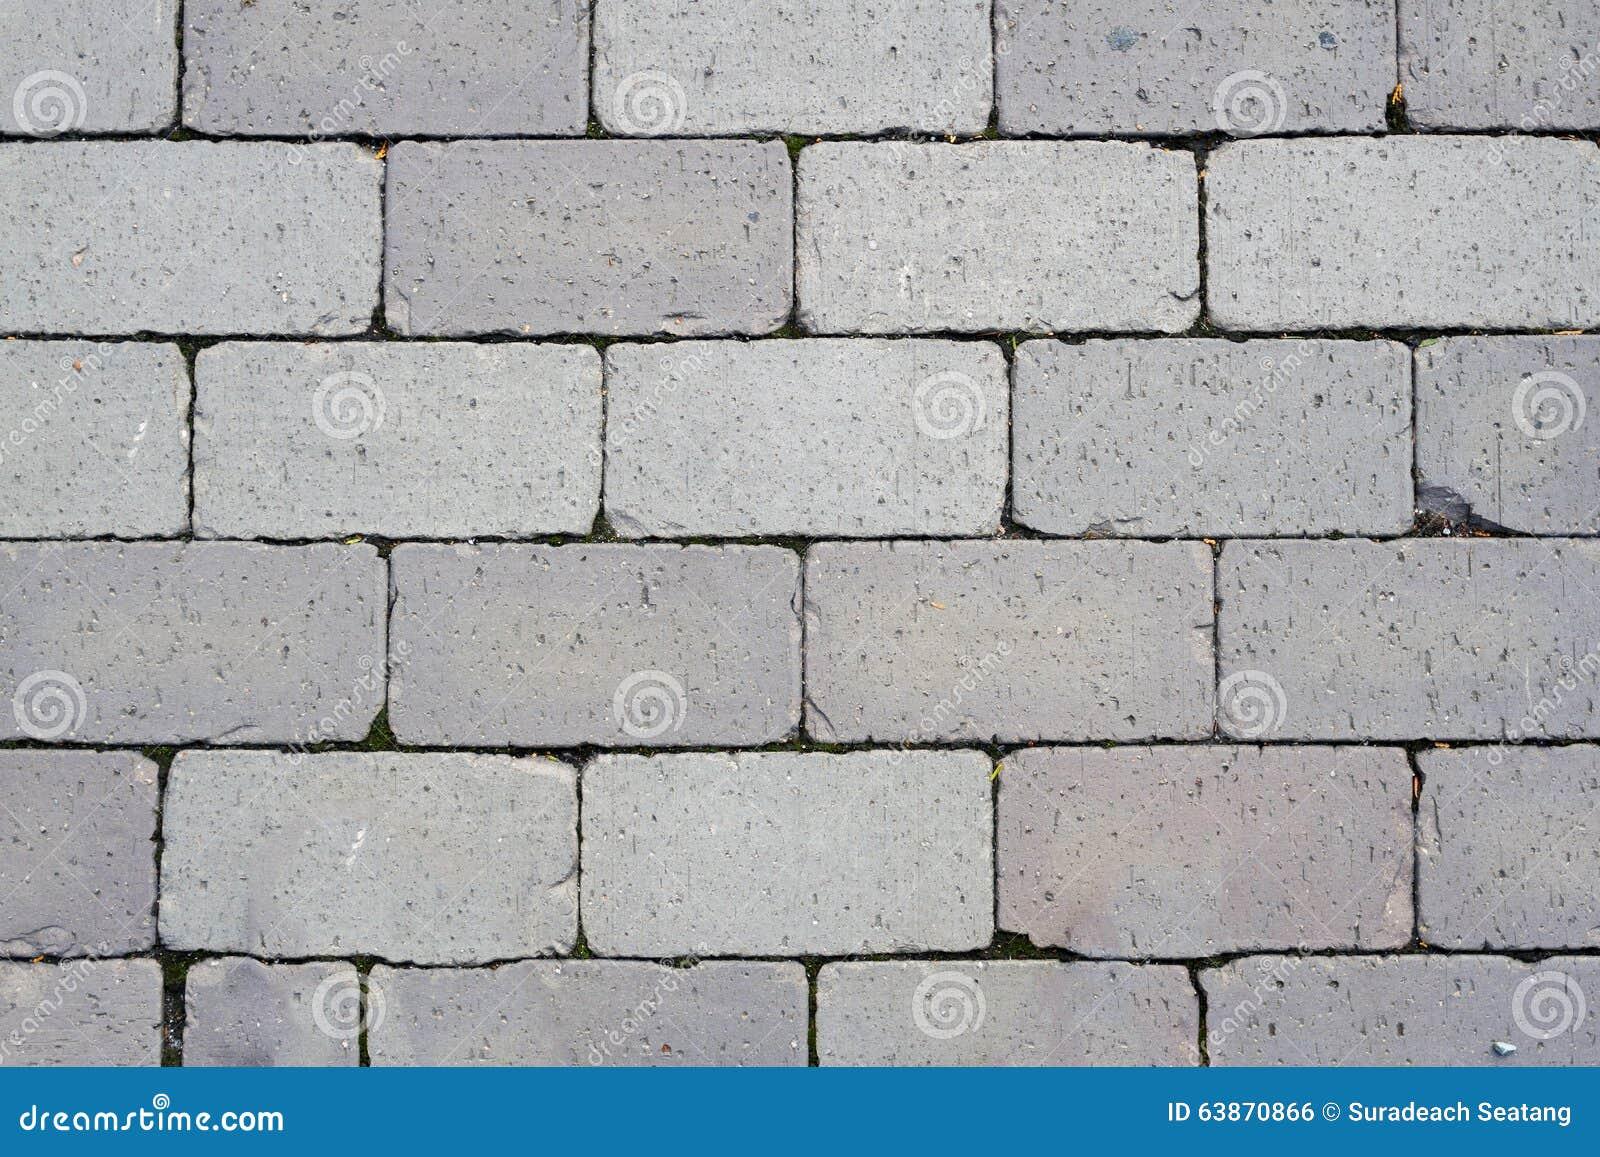 Brick floor texture stock photo image 63870866 for Exterior floor texture